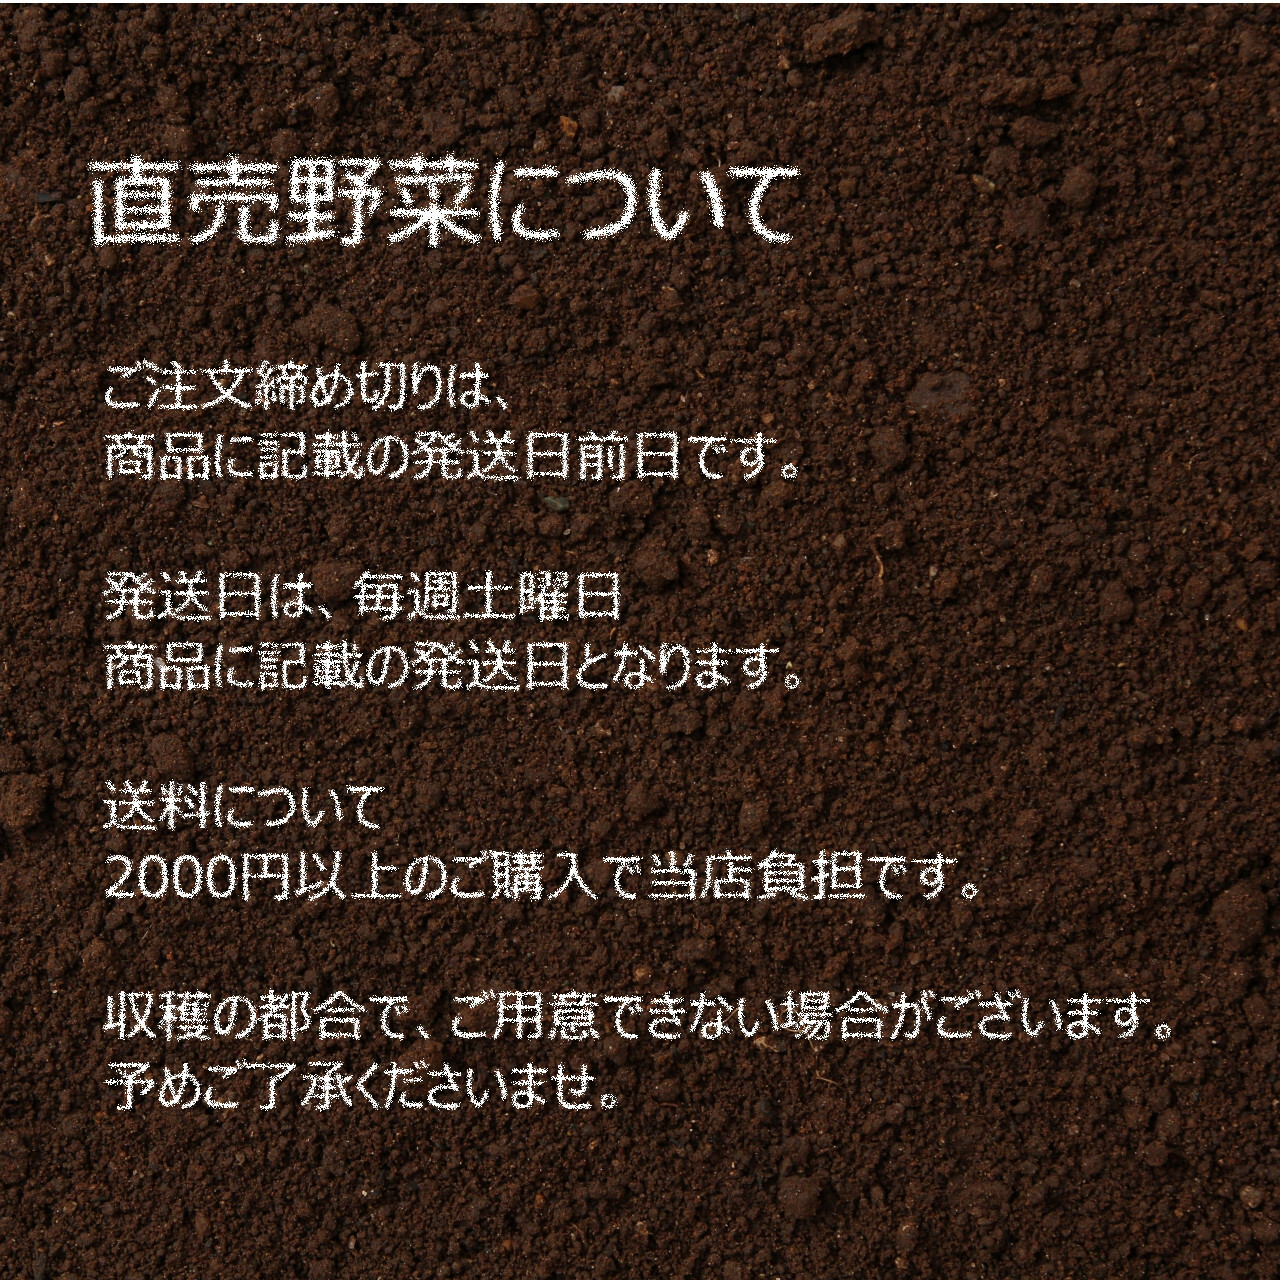 春の新鮮野菜 サニーレタス 約300g: 5月の朝採り直売野菜 5月30日発送予定